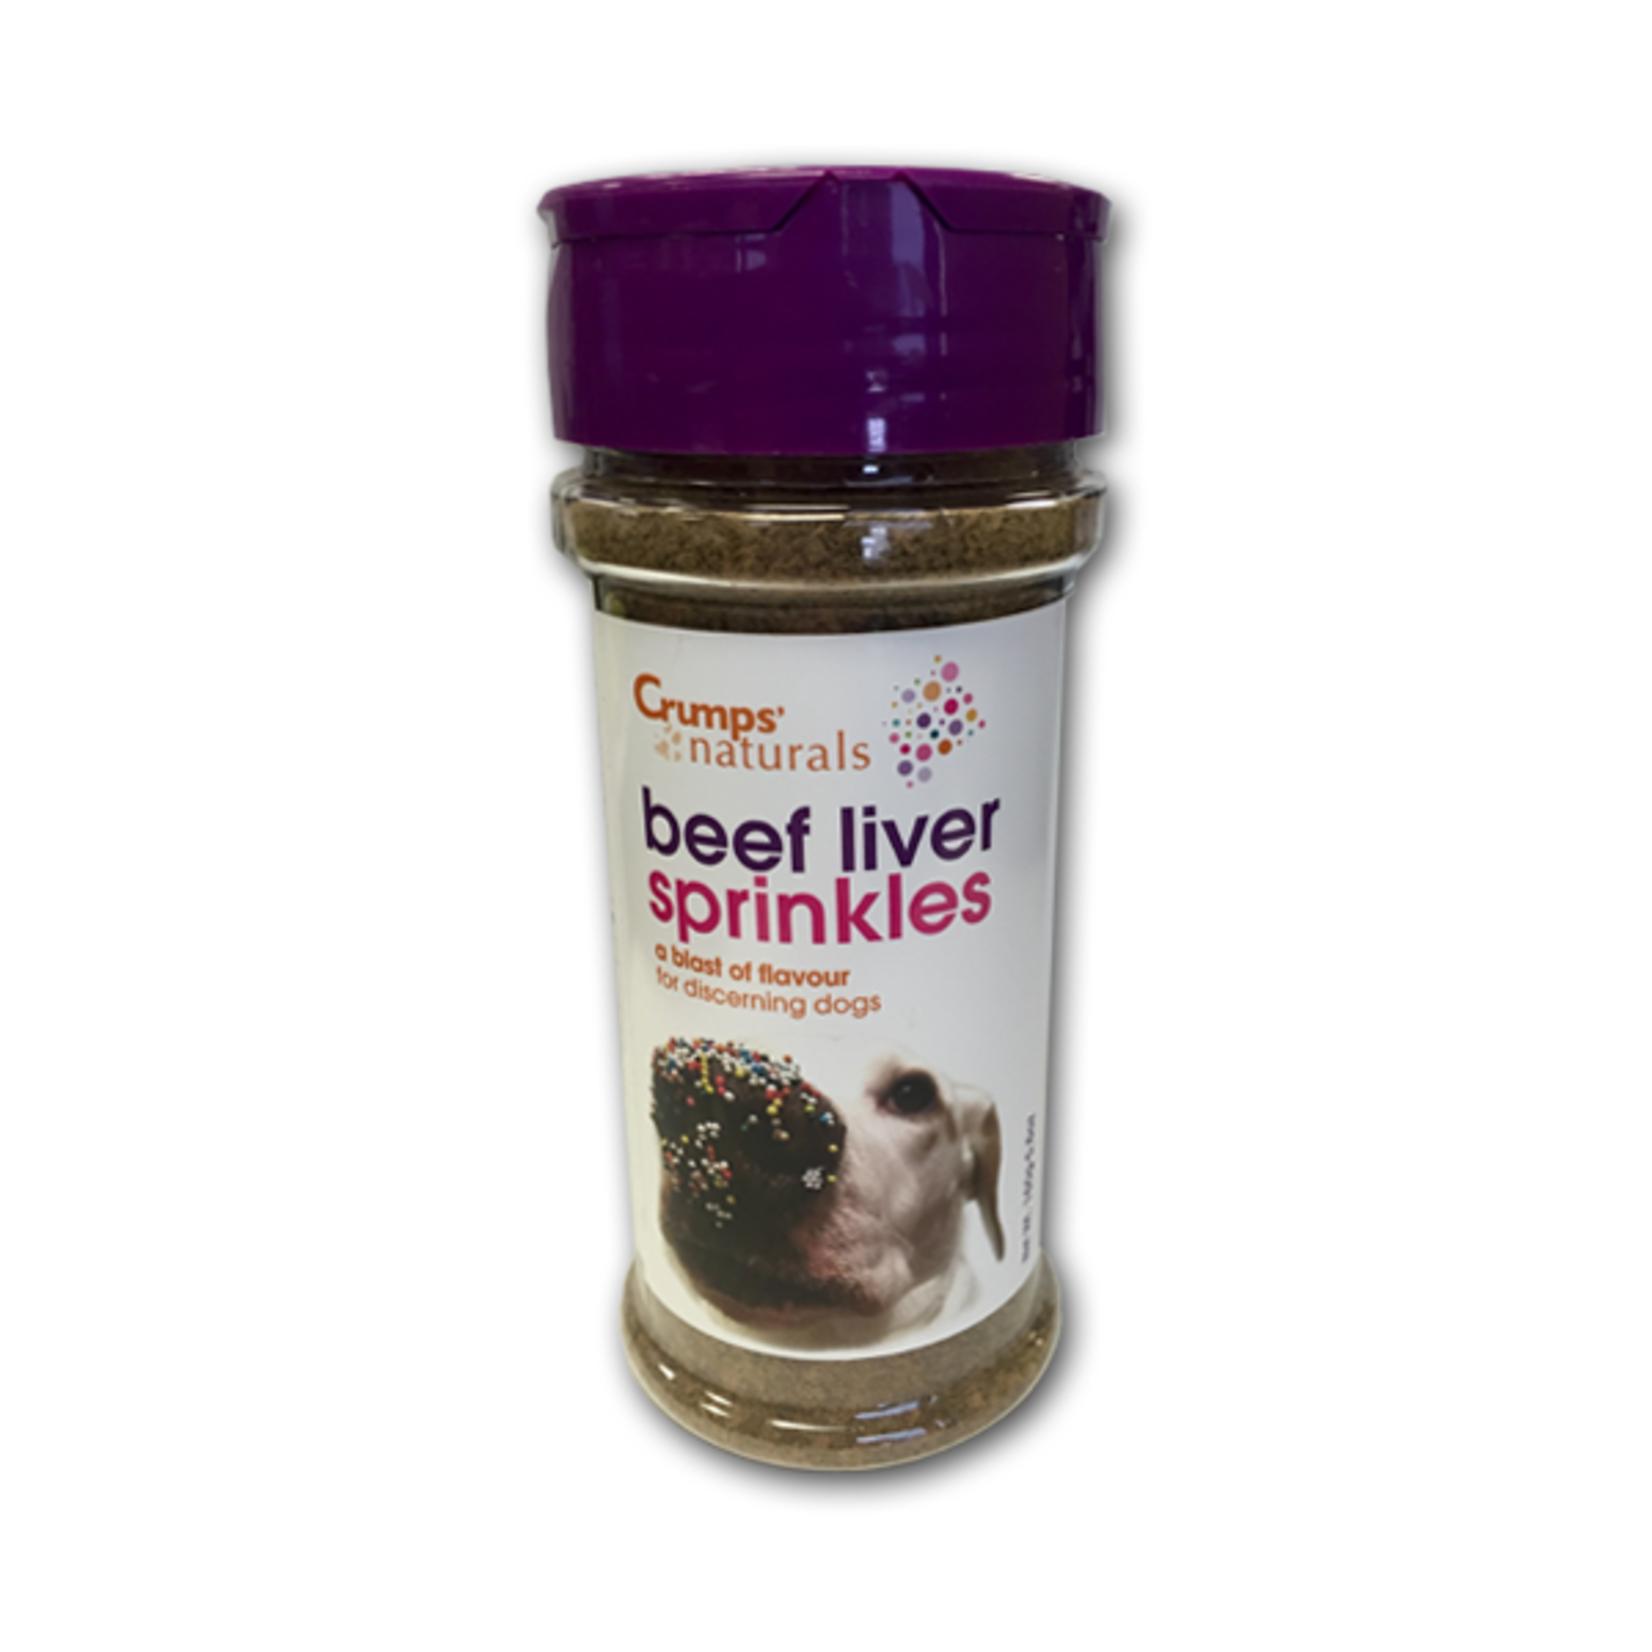 Crumps' Naturals Liver Sprinkles 160g bottles